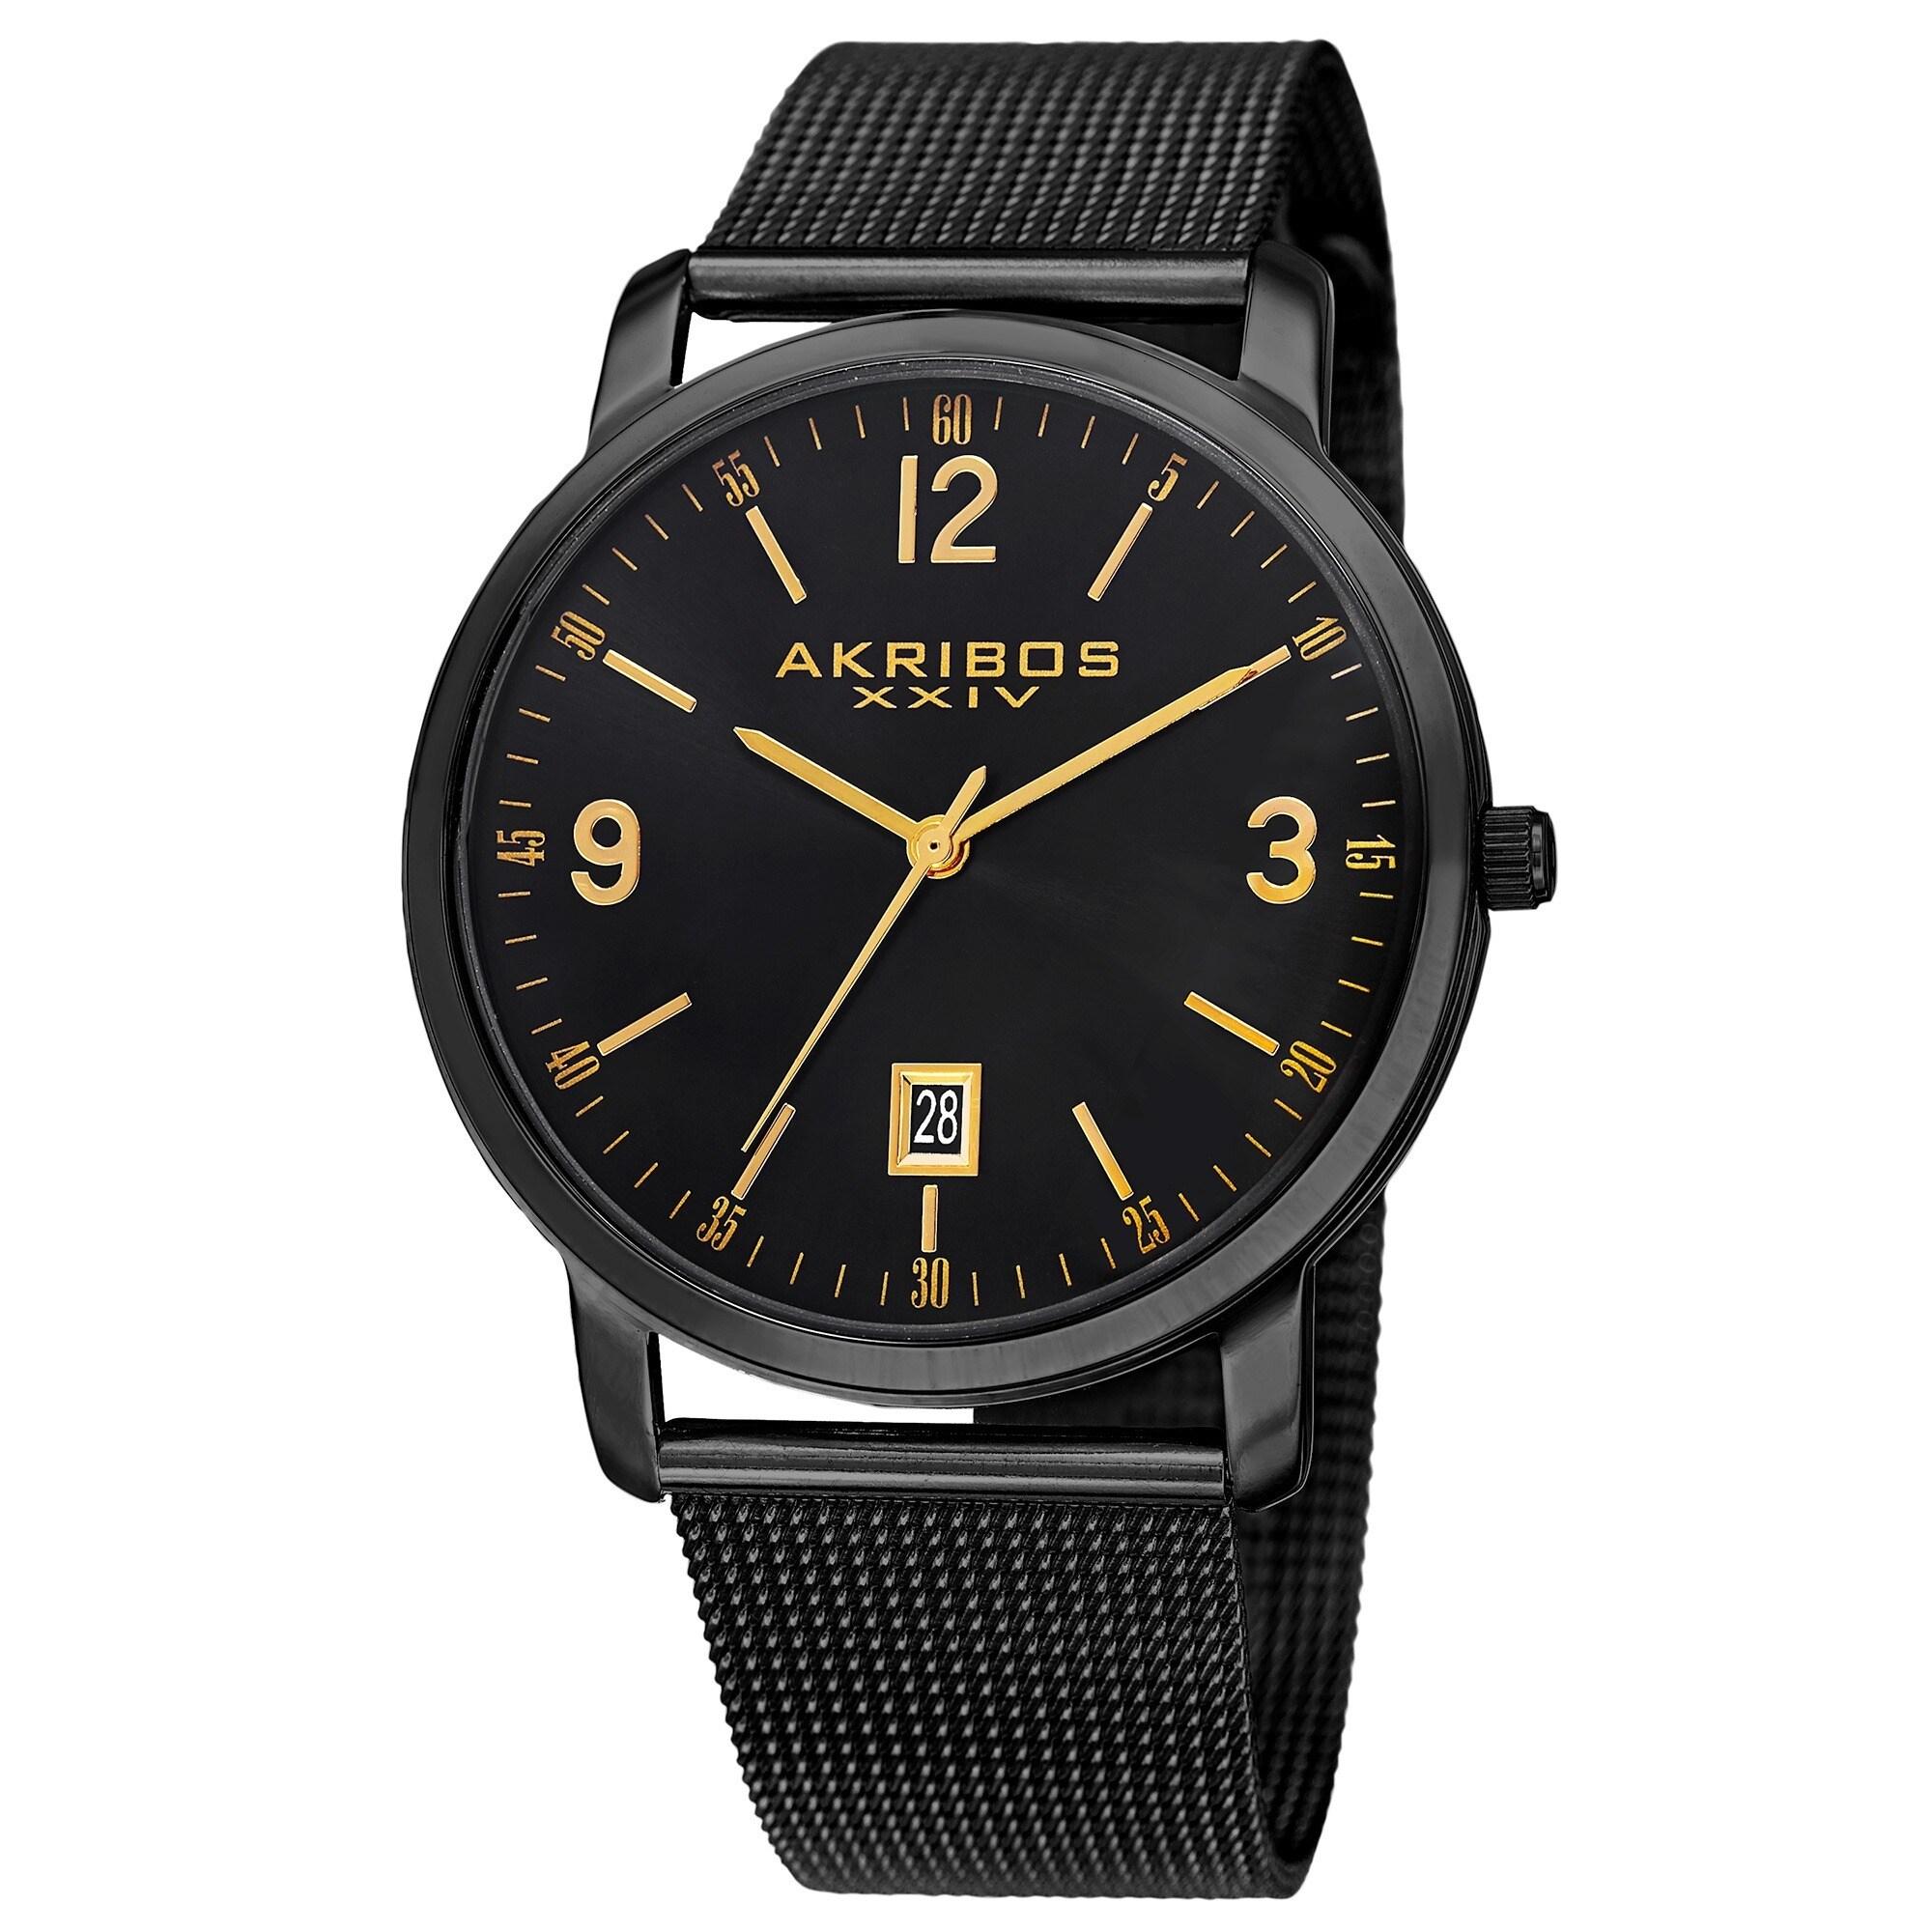 e3498202b 9mm Men s Watches